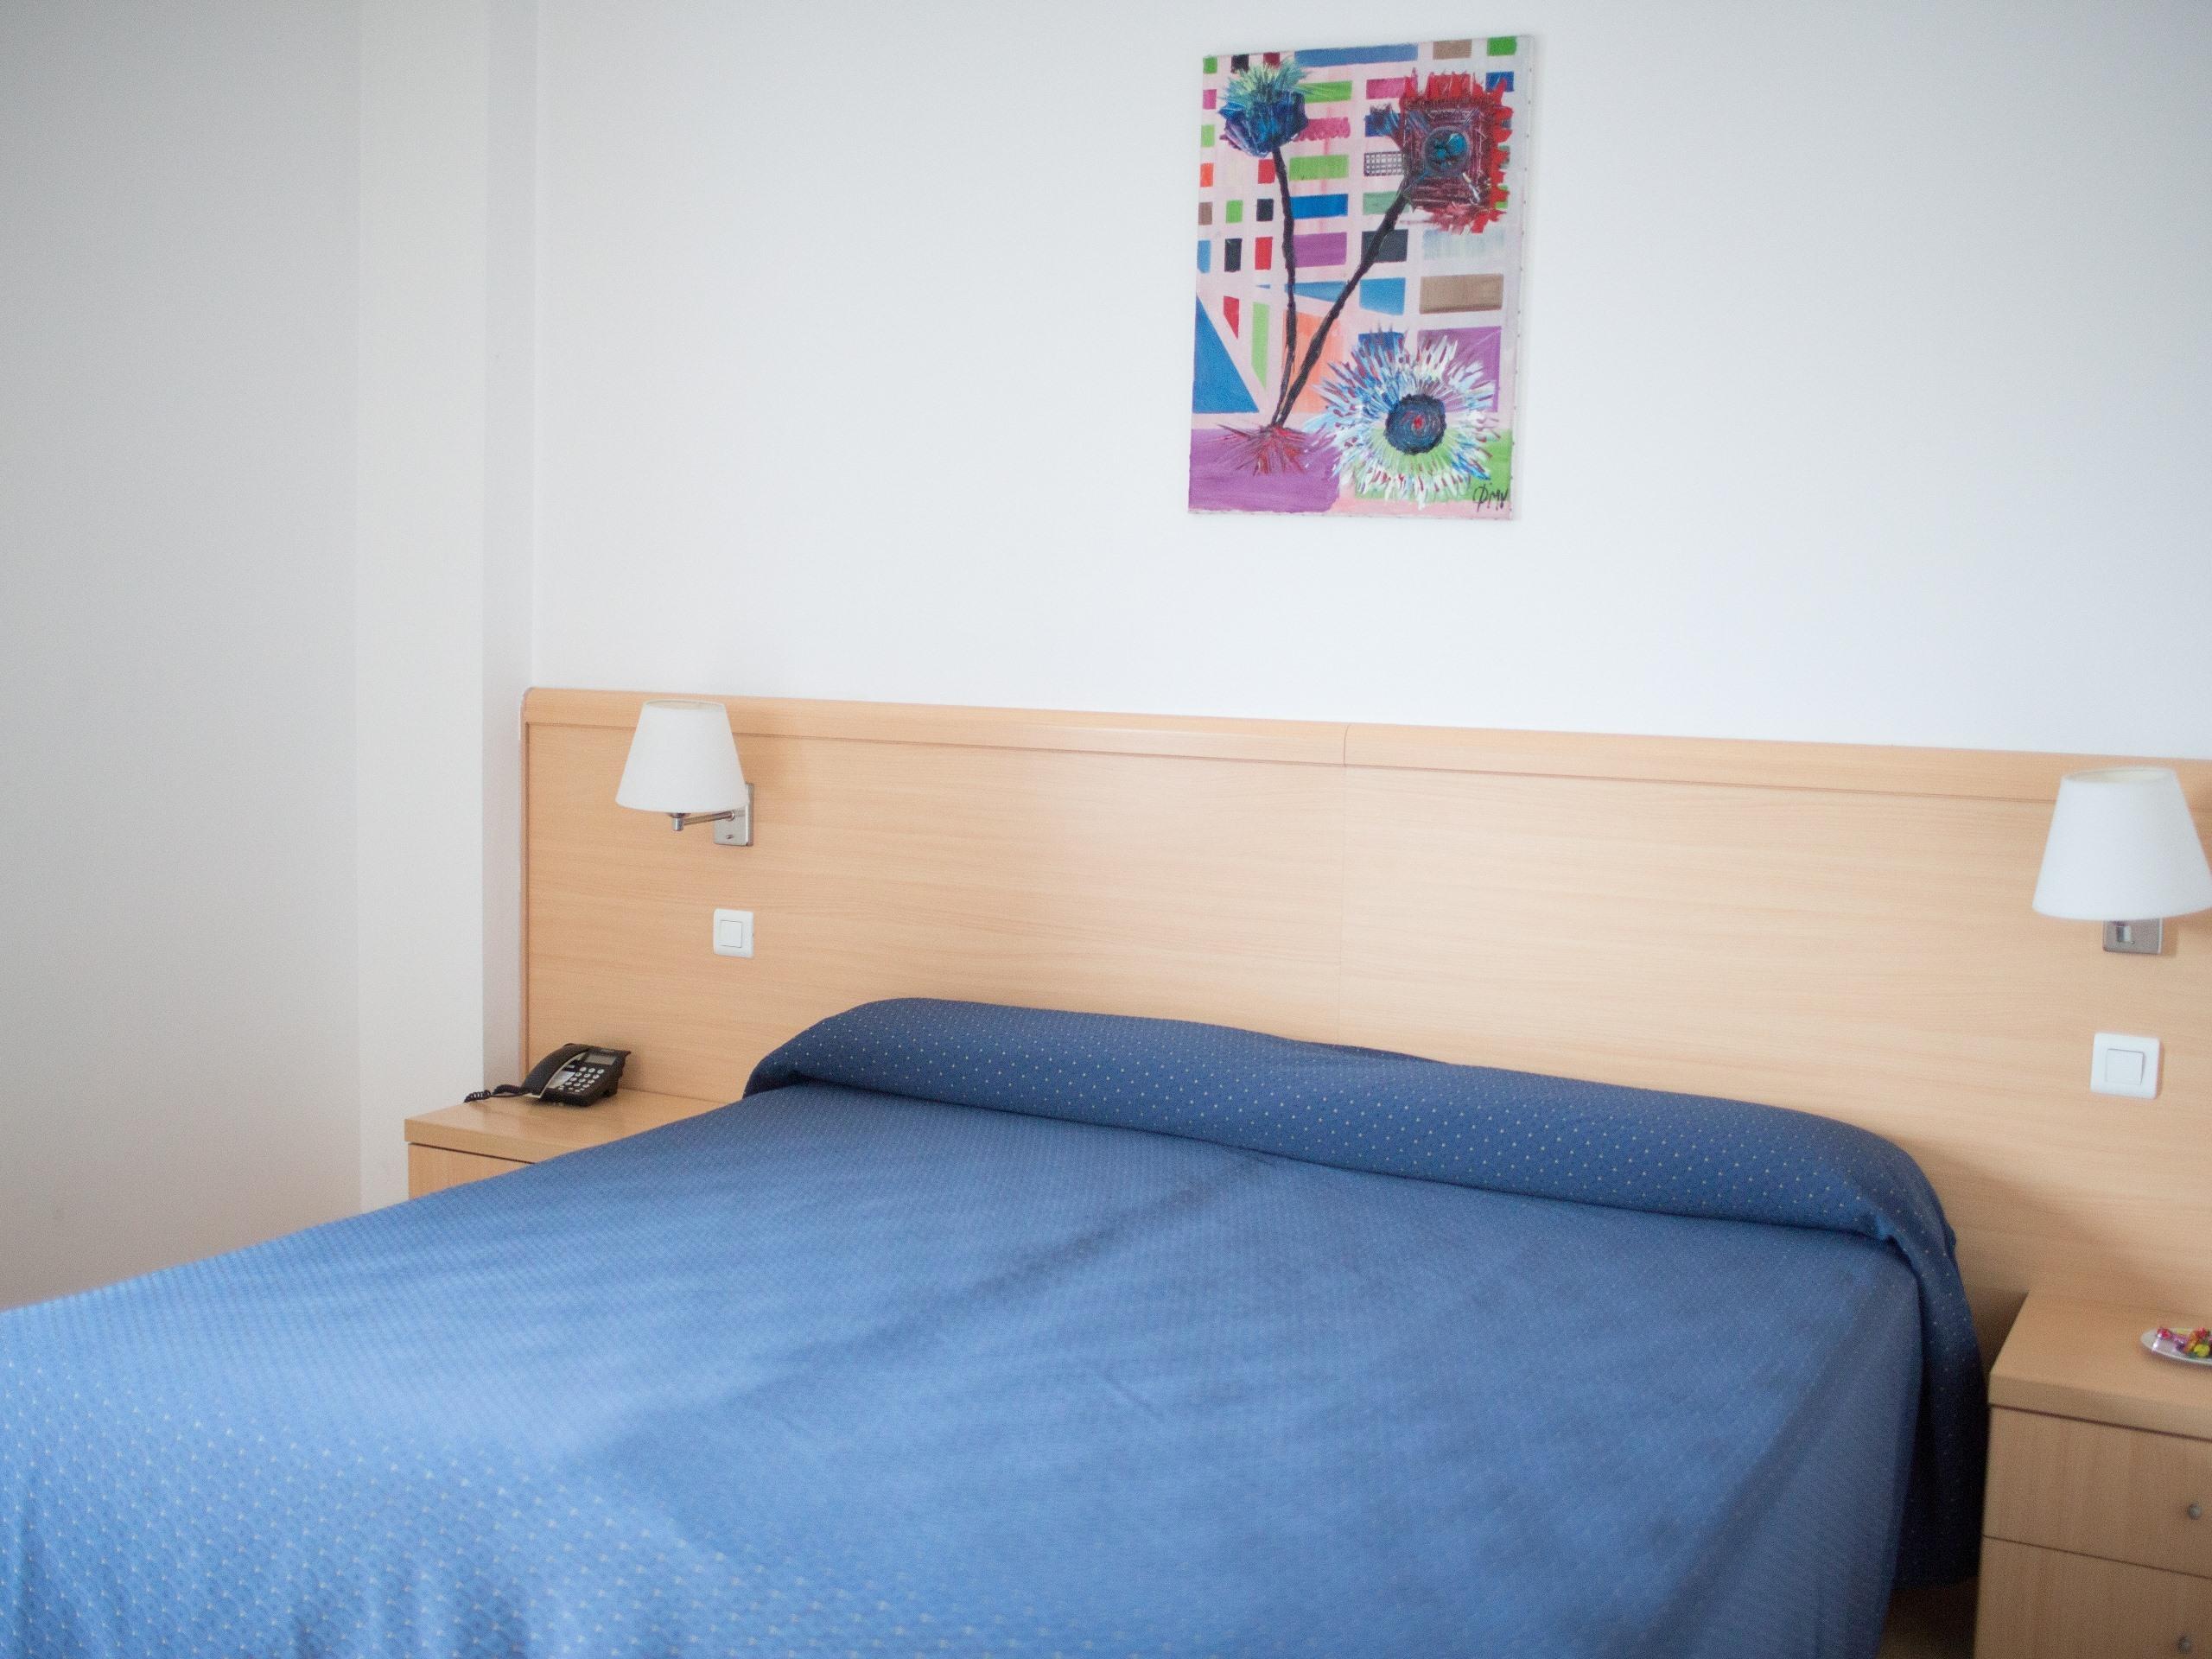 Doble con dos camas-Baño con bañera-HDPAN - Doble con dos camas-Baño con bañera-HDPAN